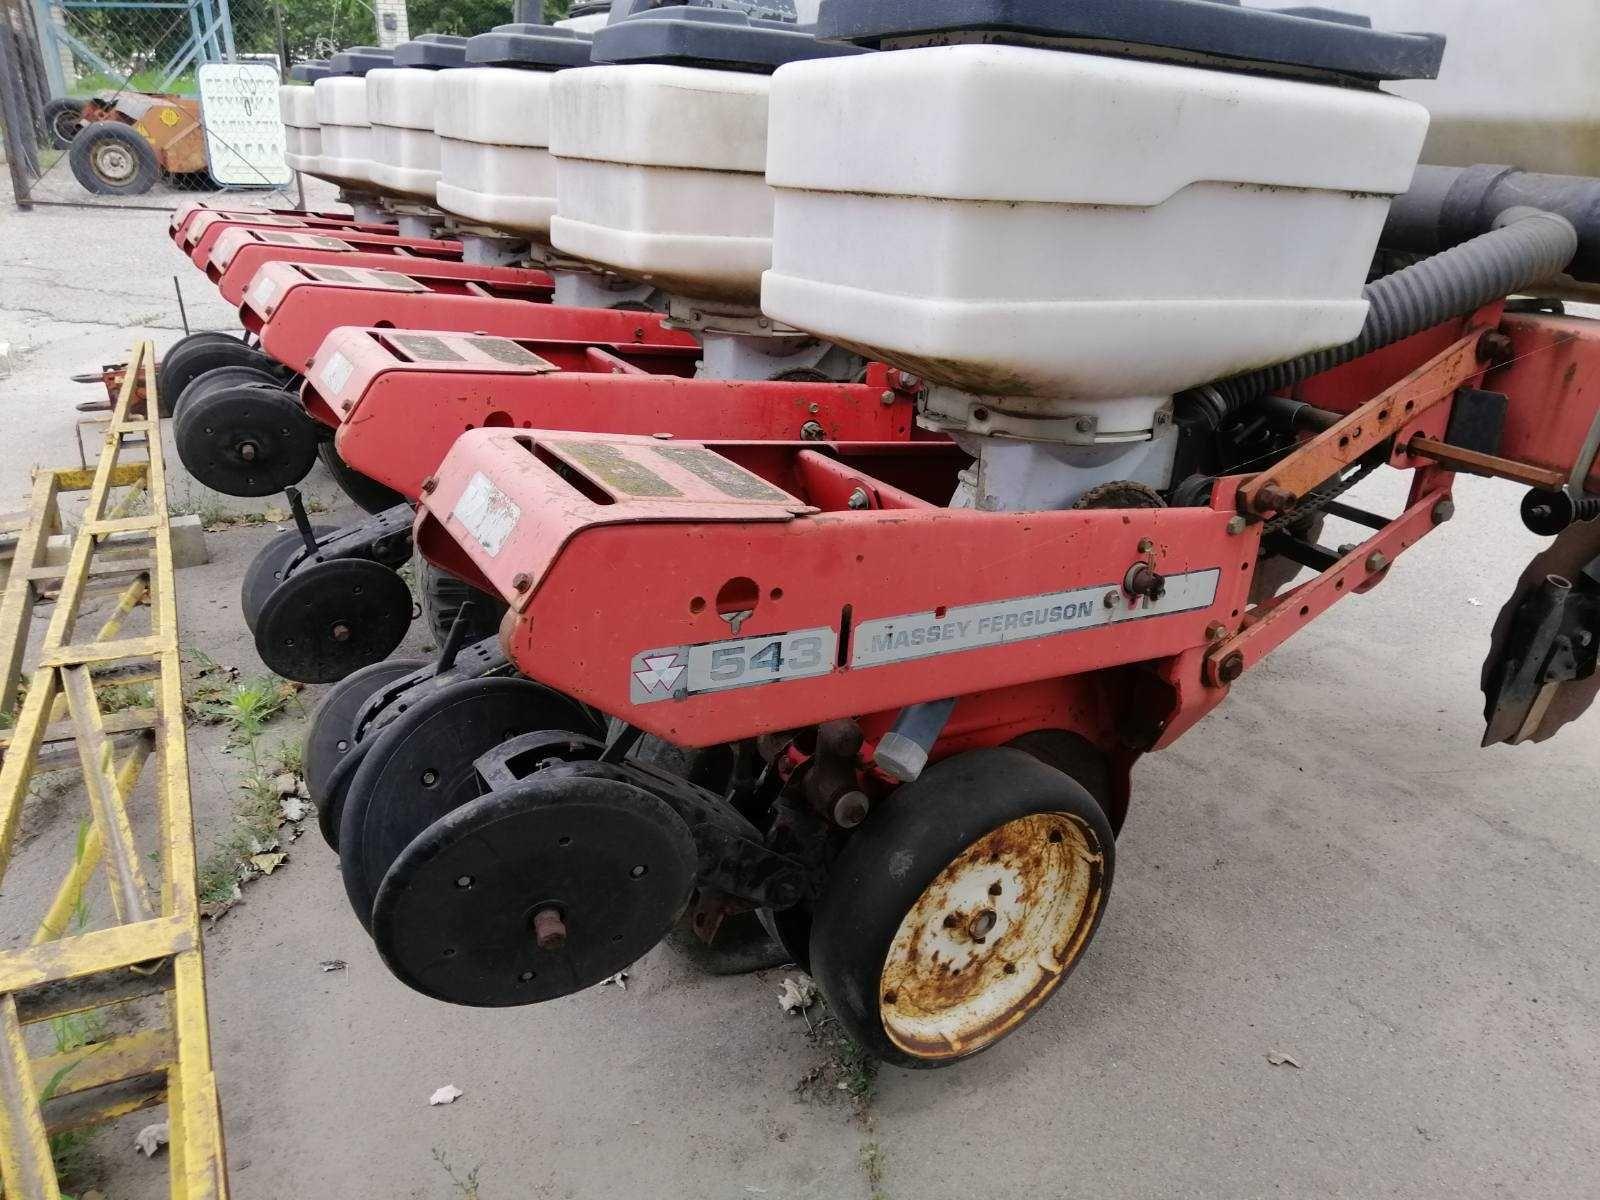 Сеялка пропашная Massey Ferguson 543 с удобрением для трактора МТЗ ХТЗ